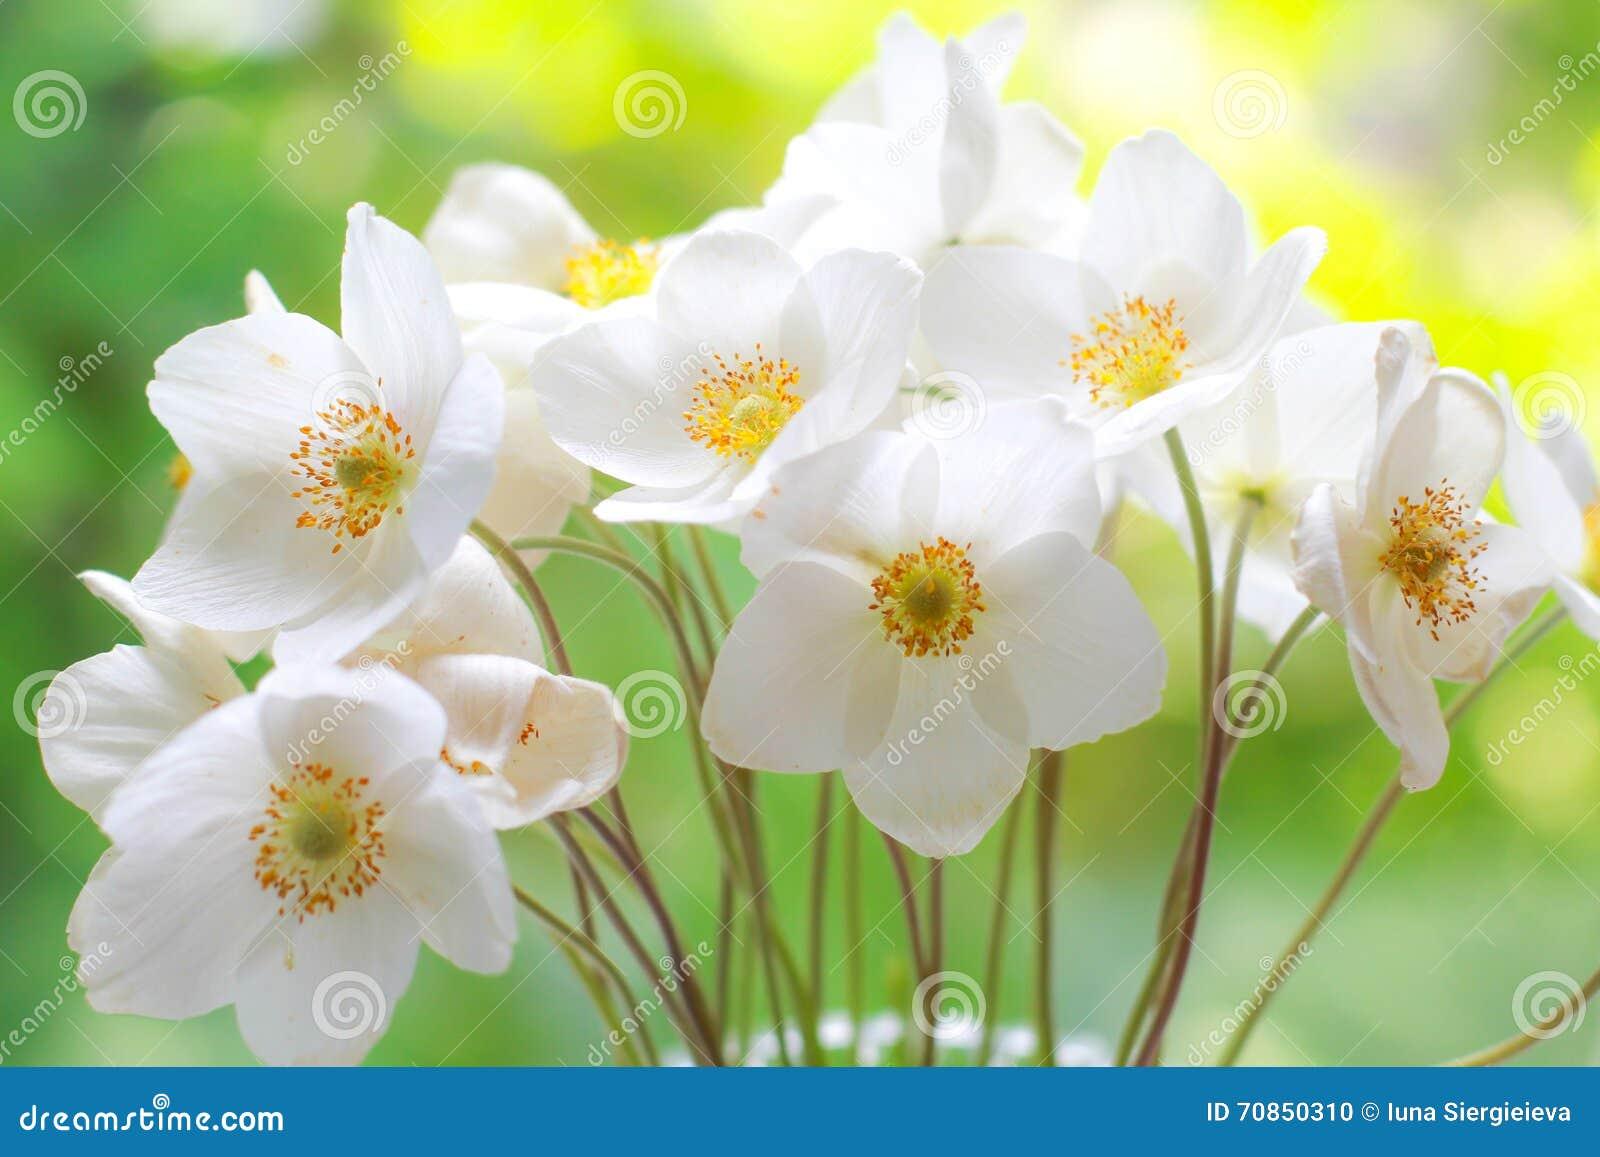 Bukett av vita vildblommor blommar nytt occasions specialen Hälsningkort, beröm, årsdag